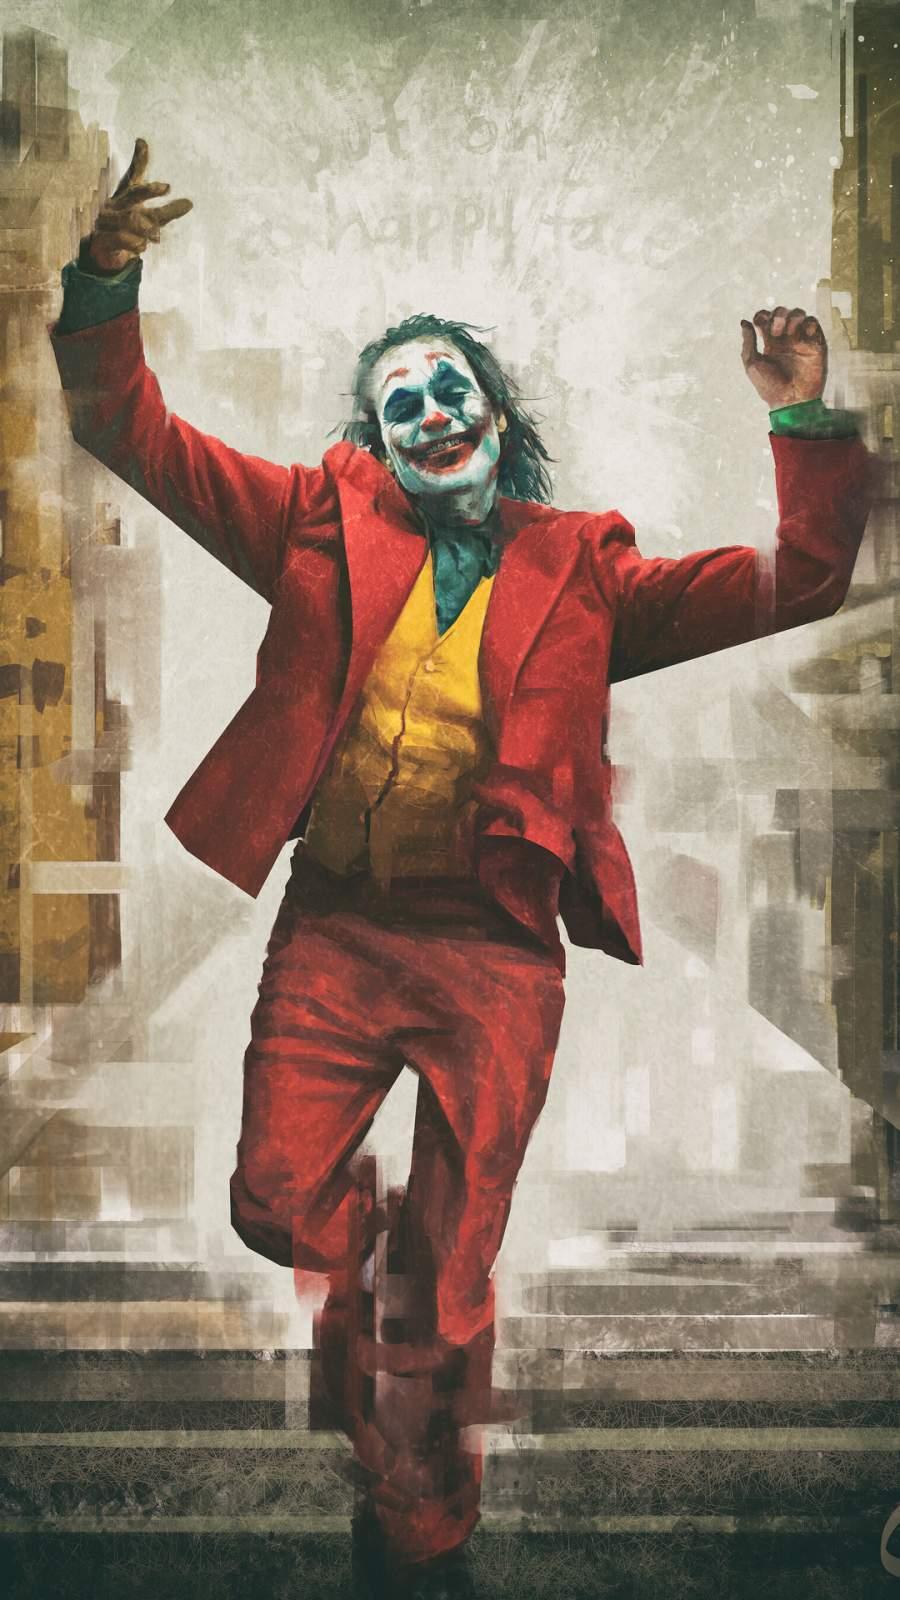 Joker Happy Face iPhone Wallpaper